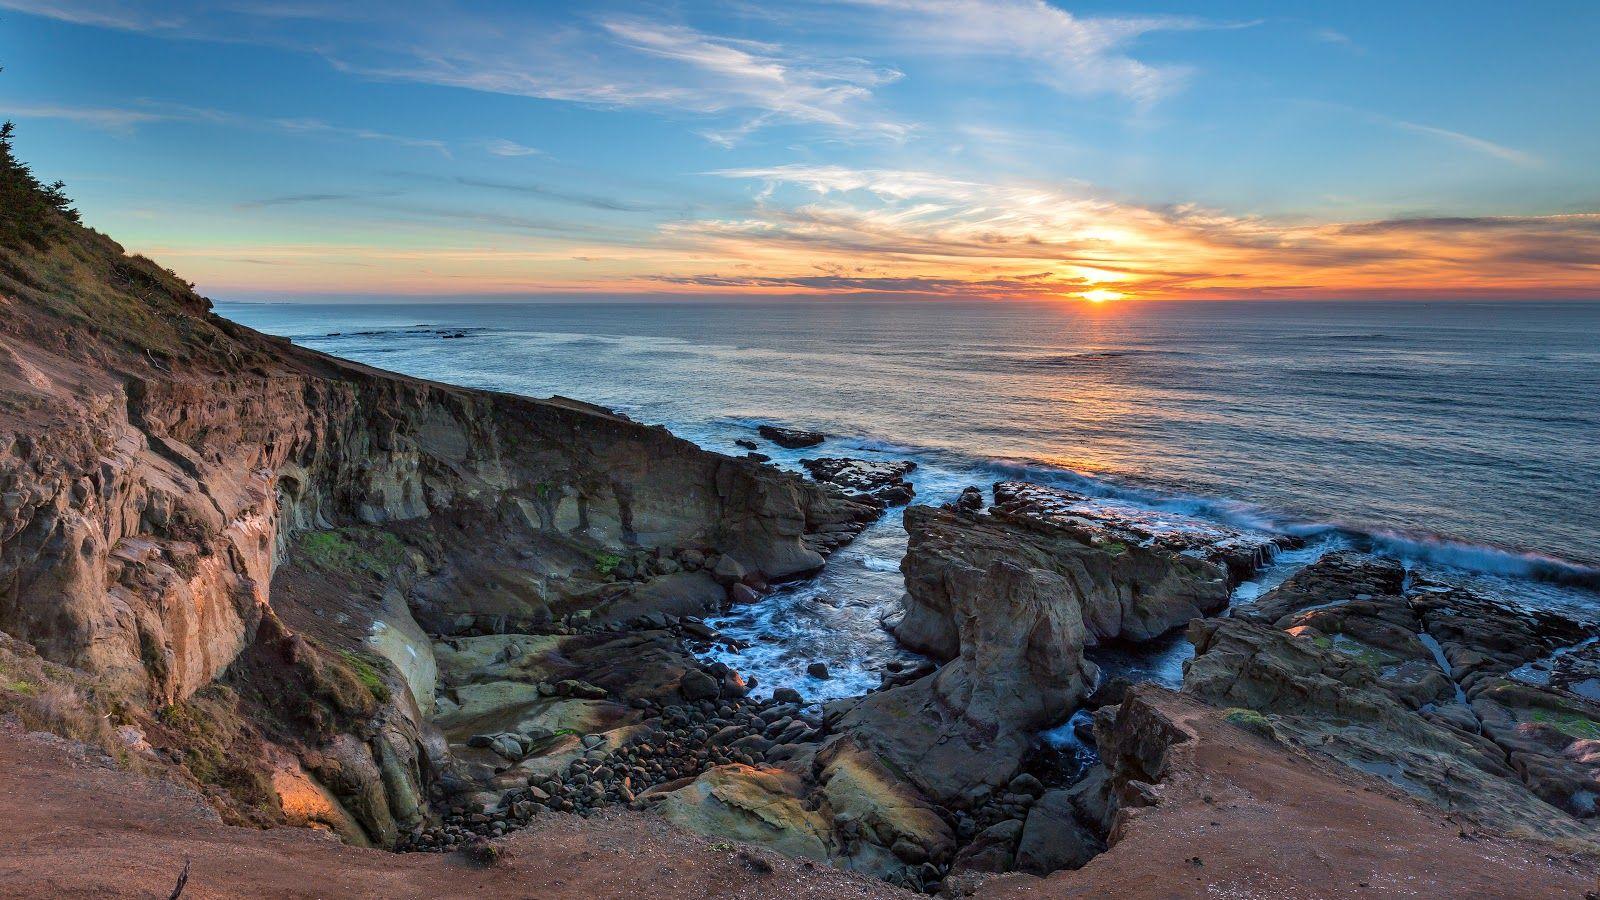 خلفيات طبيعية عالية الجودة 4k Ultra Hd Tecnologis Beach Vacation Essentials Vacation Countdown Vacation Video